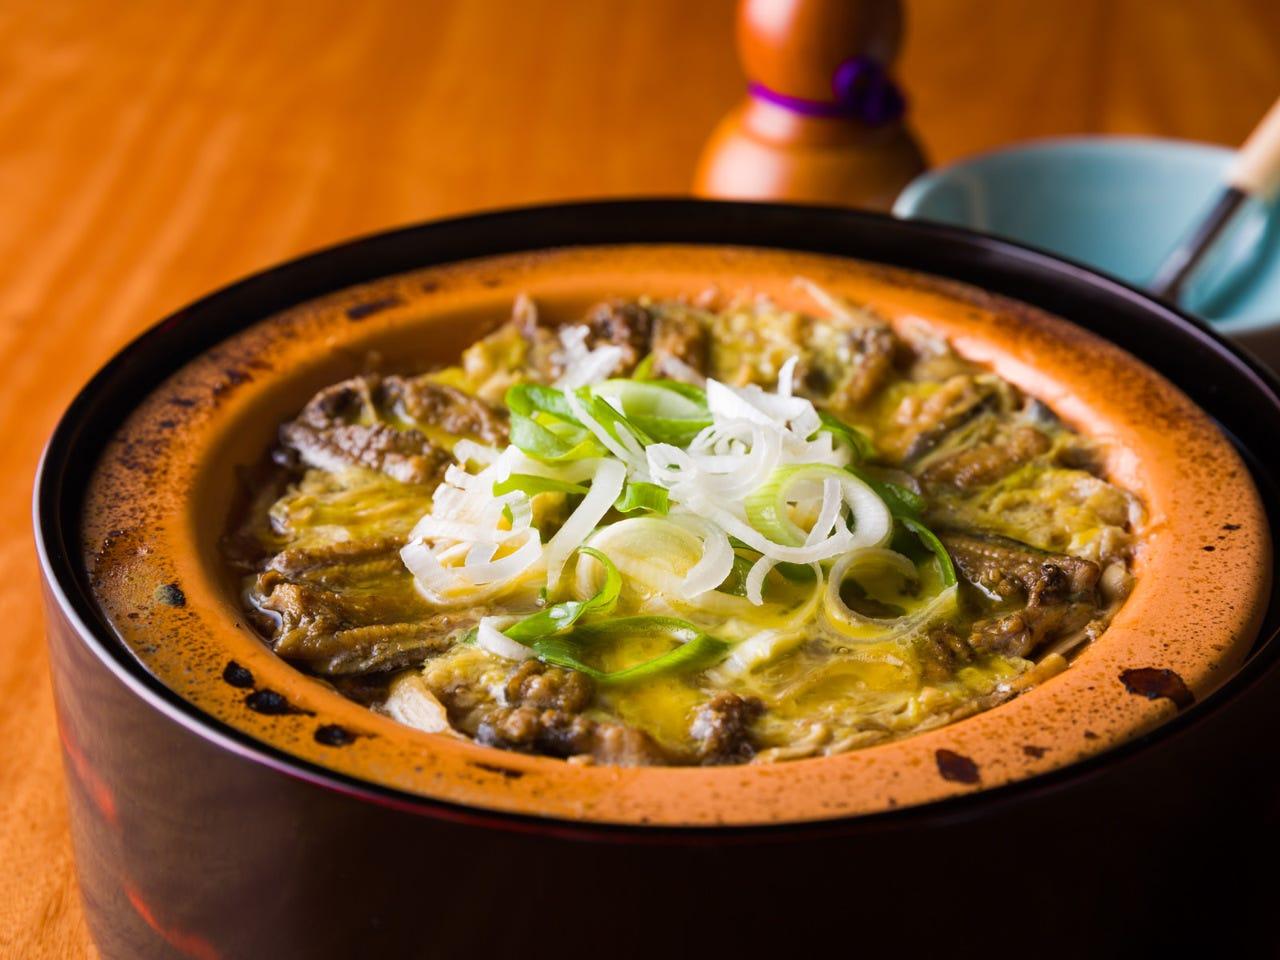 栄養価の高いどぜうの柳川鍋(写真は開き)お勧めです!